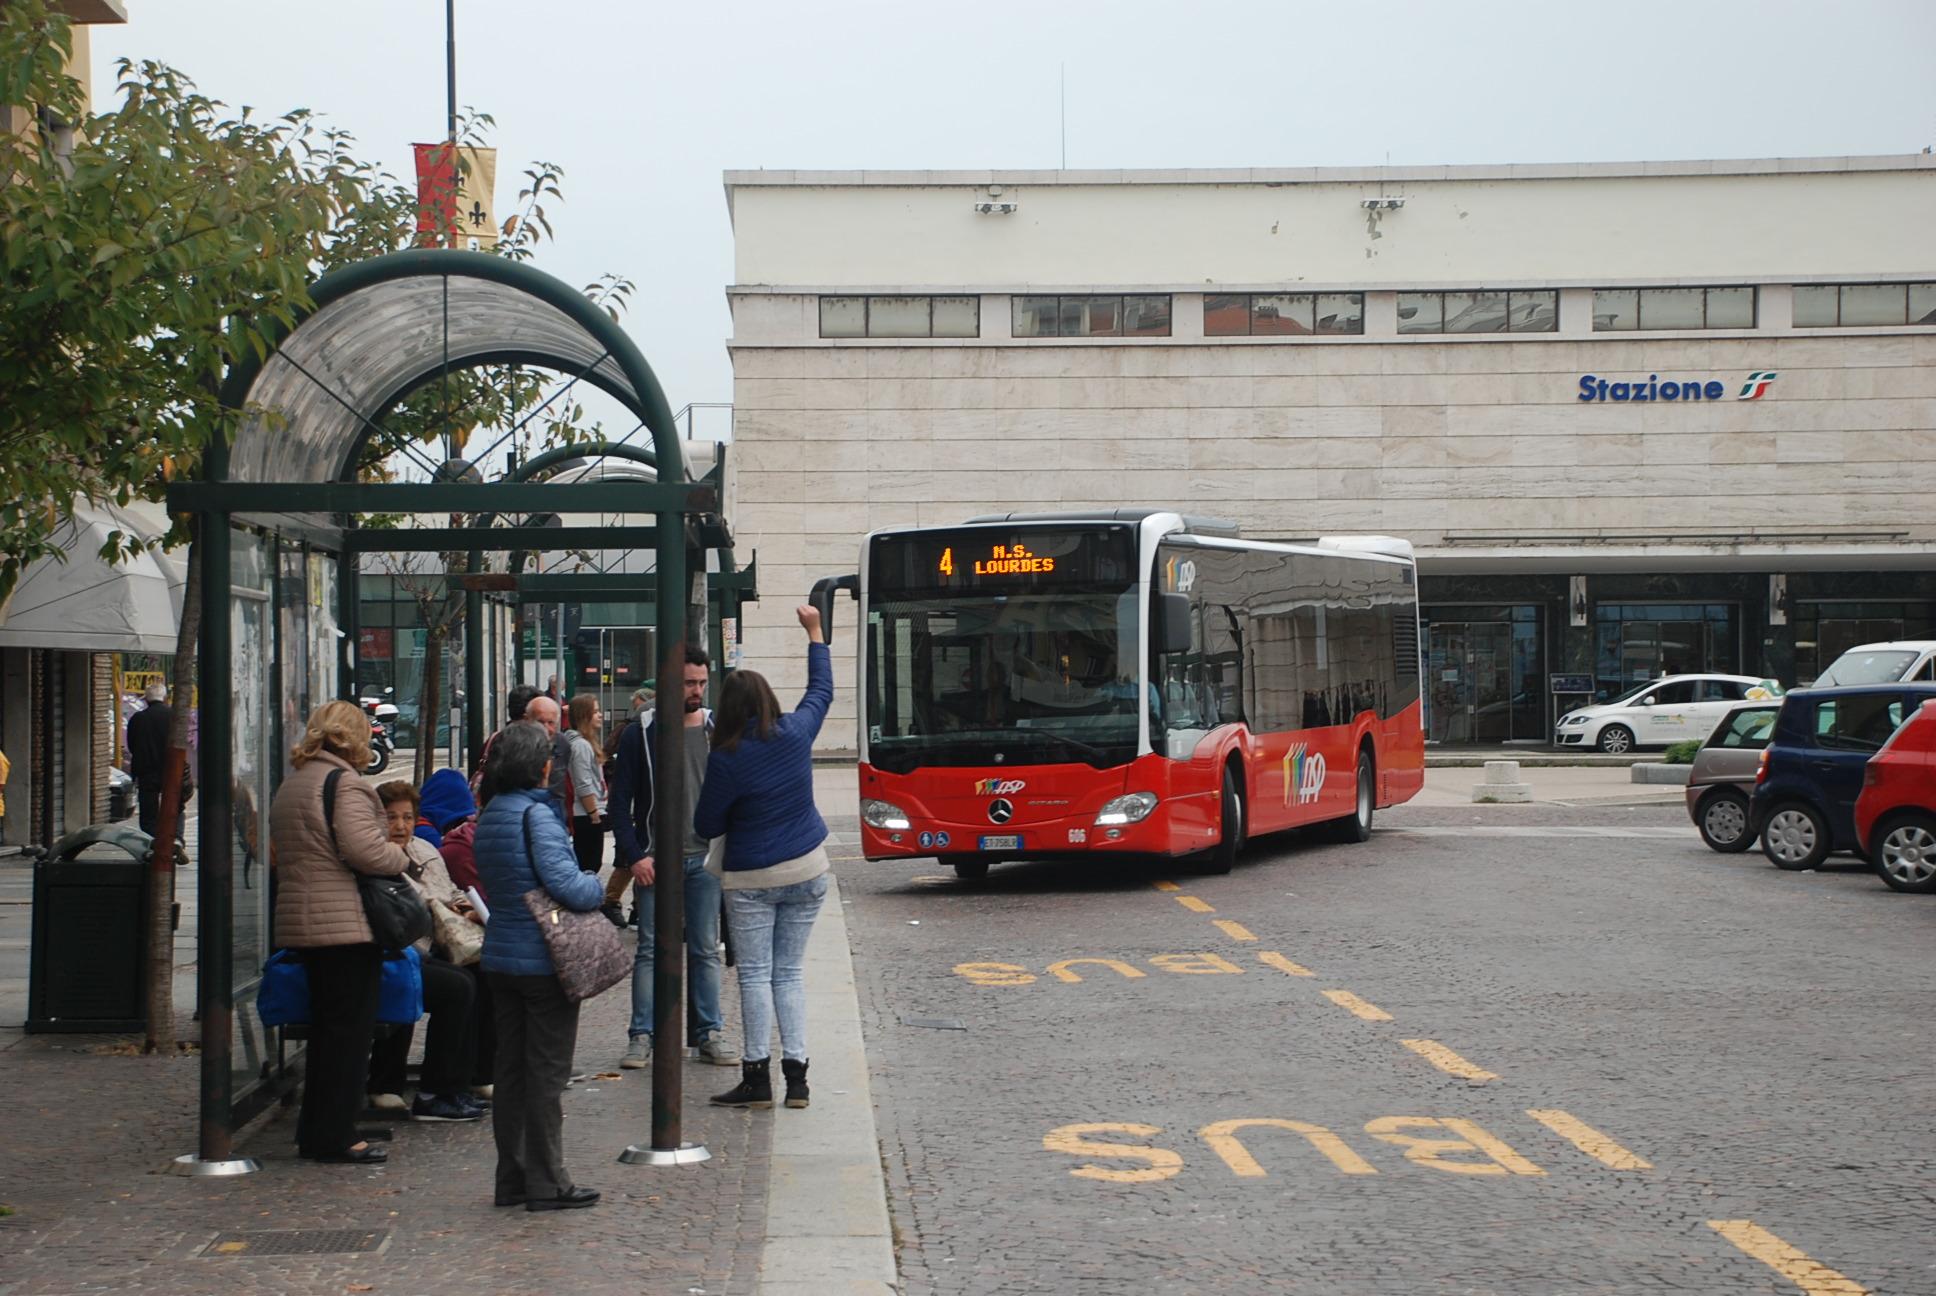 43 - variazioni percorso bus linea 4